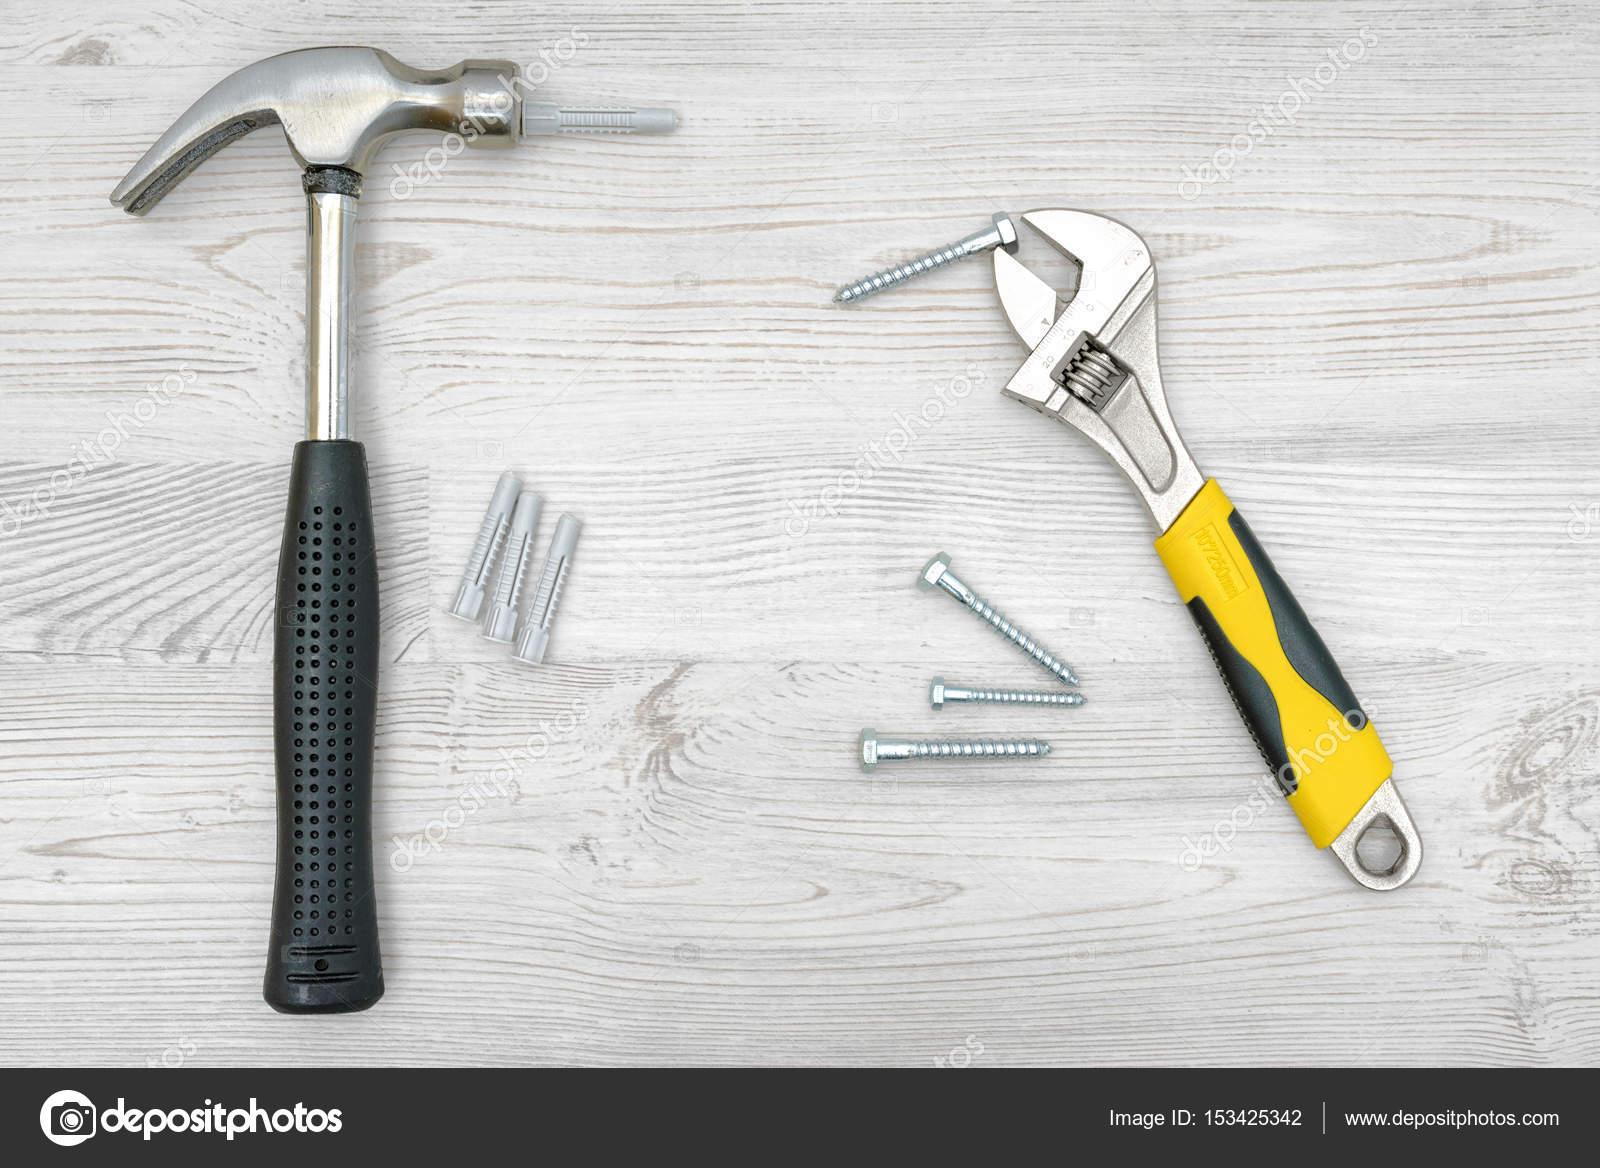 Einen silbernen Hammer, Schraubenschlüssel, mehrere Schraube ...